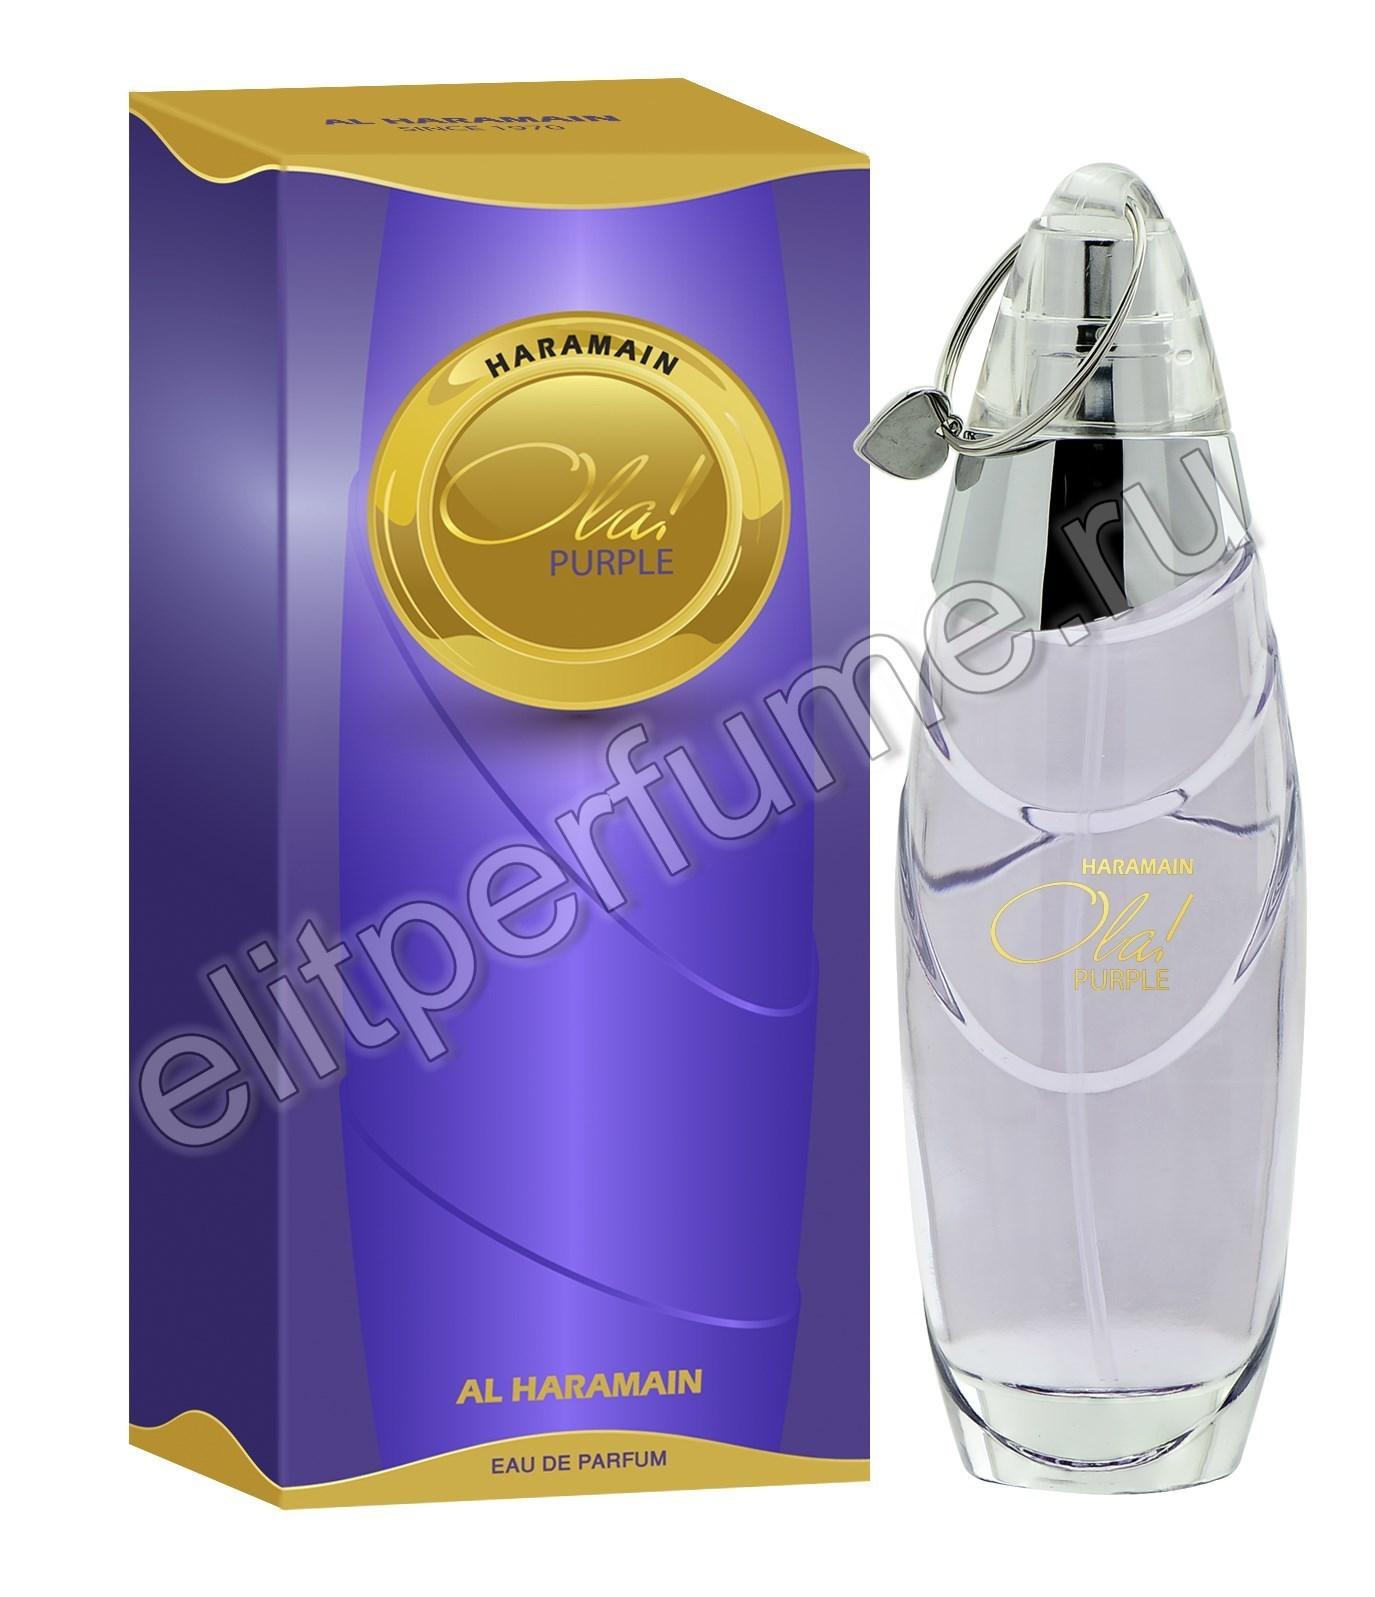 Пробники для Haramain Ola Purple  Харамайн Ола Фиолетовый 1 мл спрей от Аль Харамайн Al Haramain Perfumes